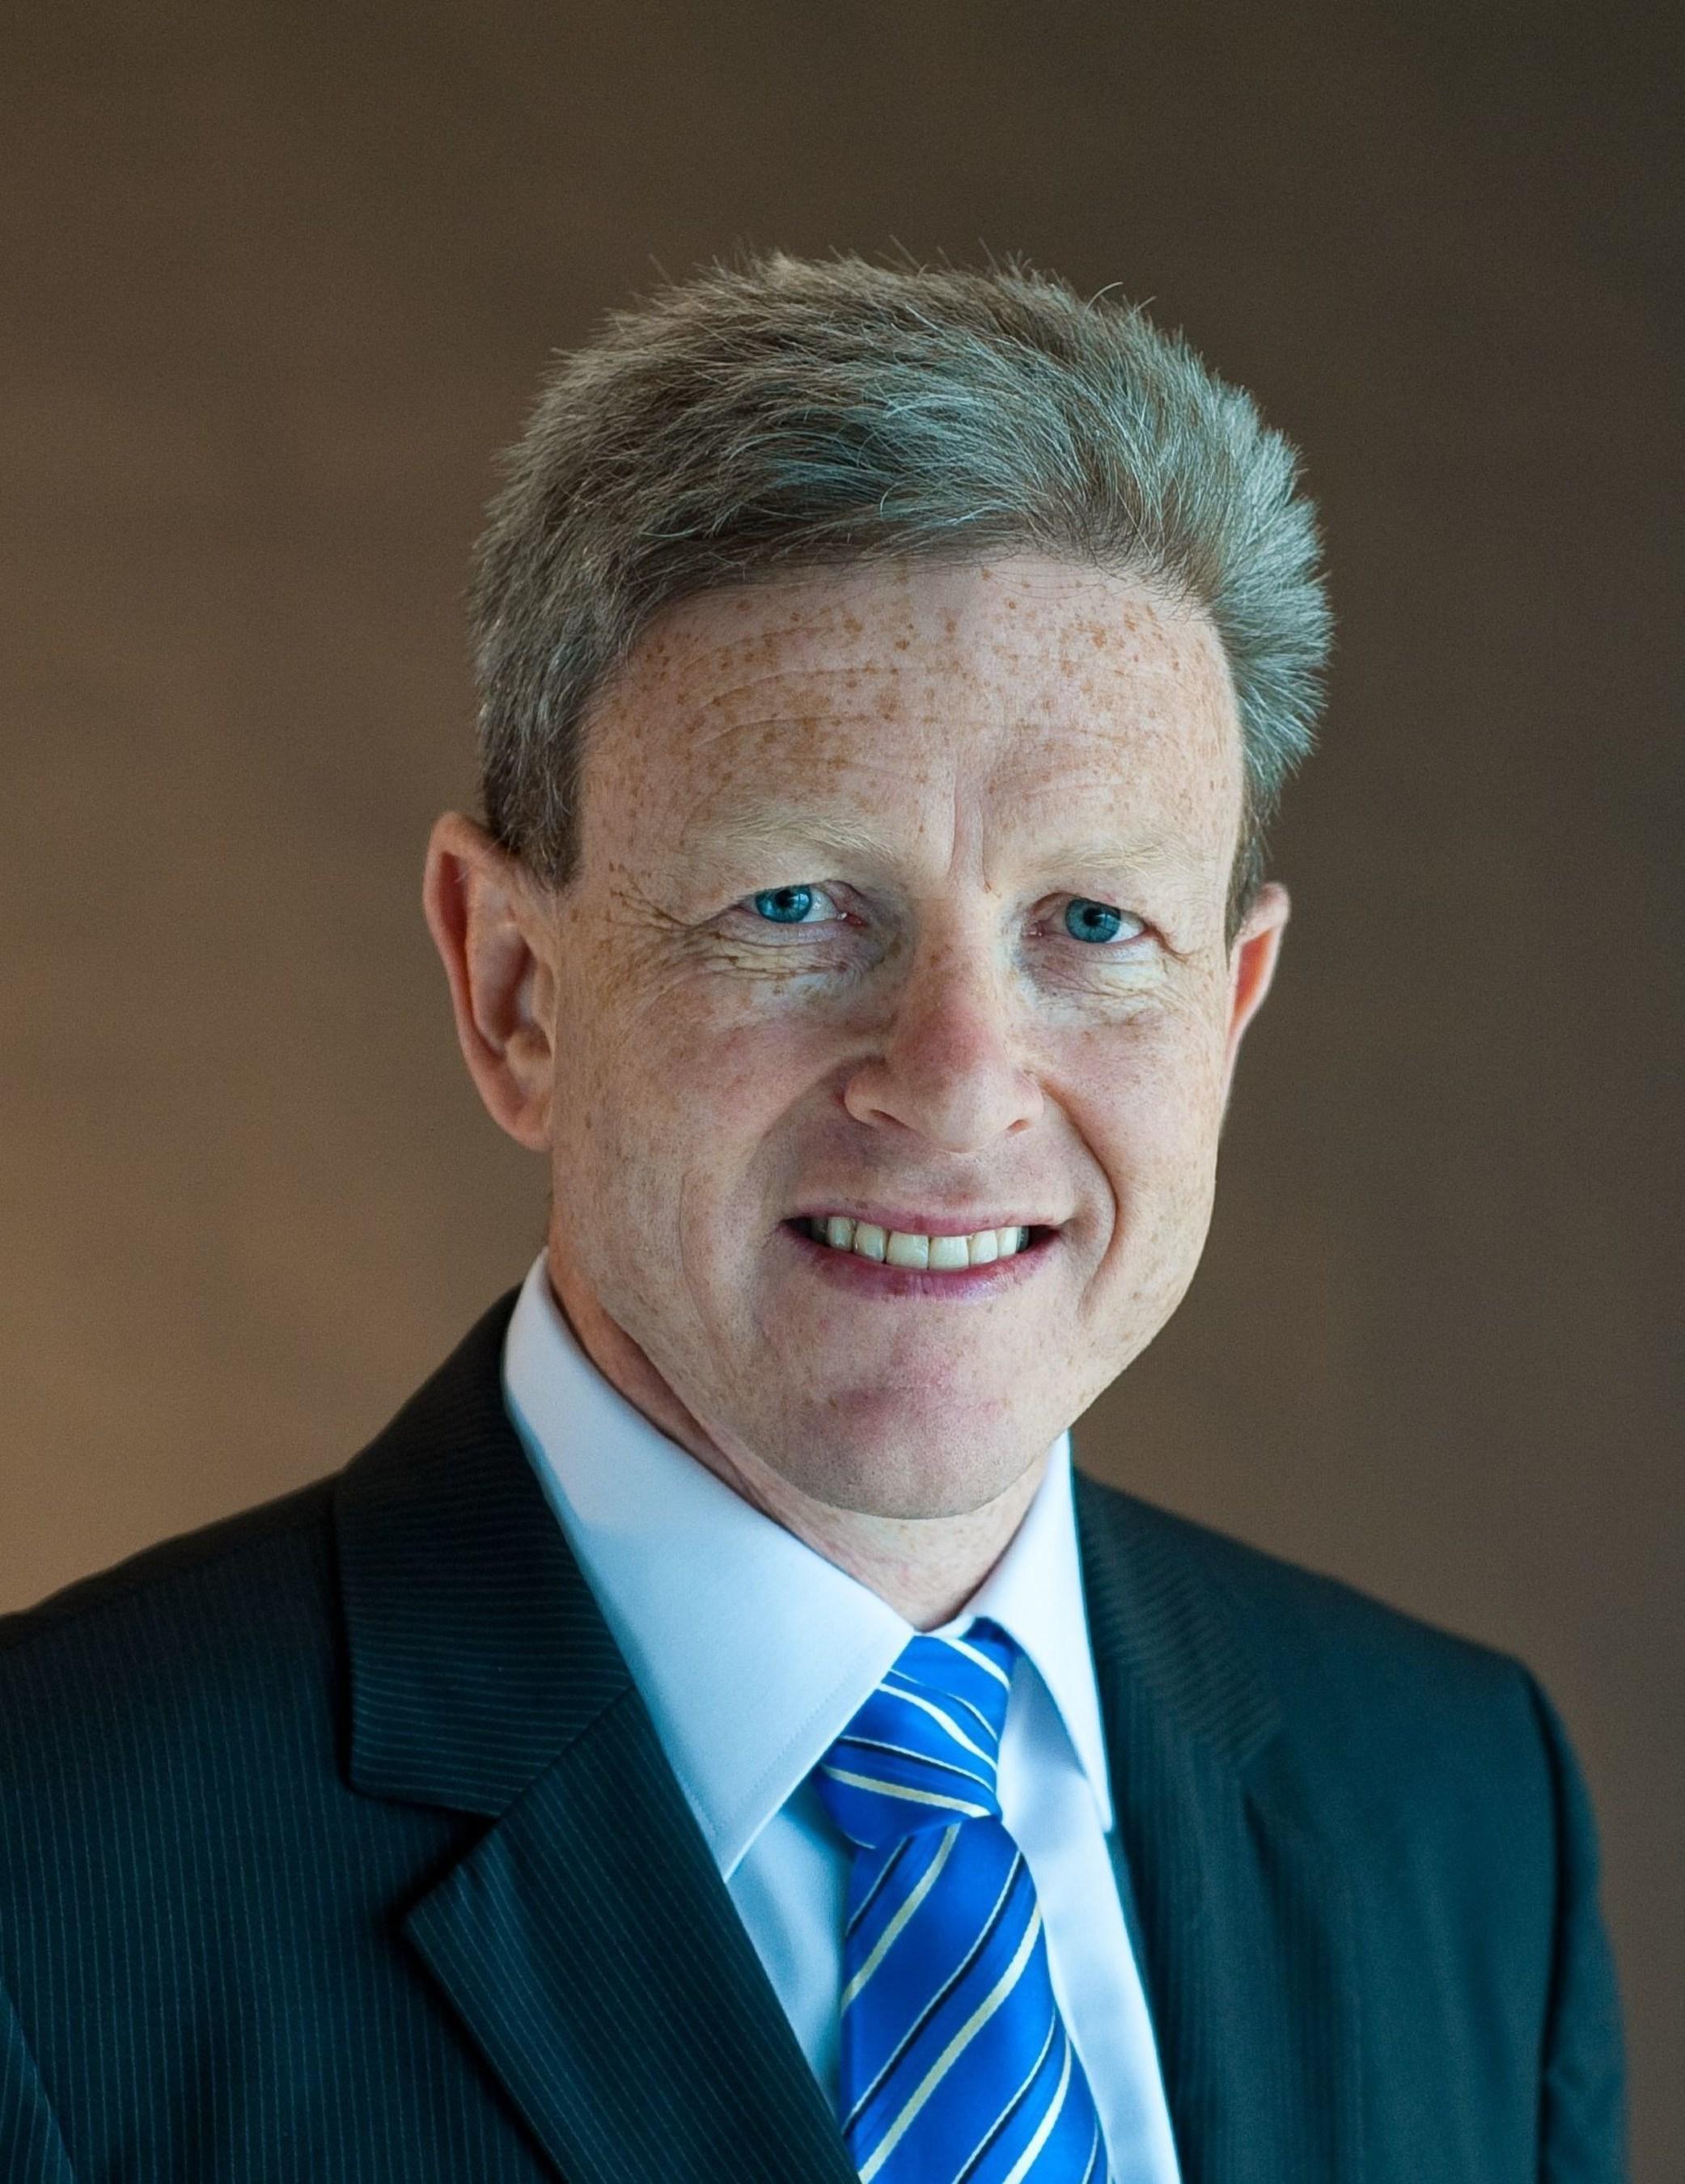 Mark Gazit, CEO of ThetaRay